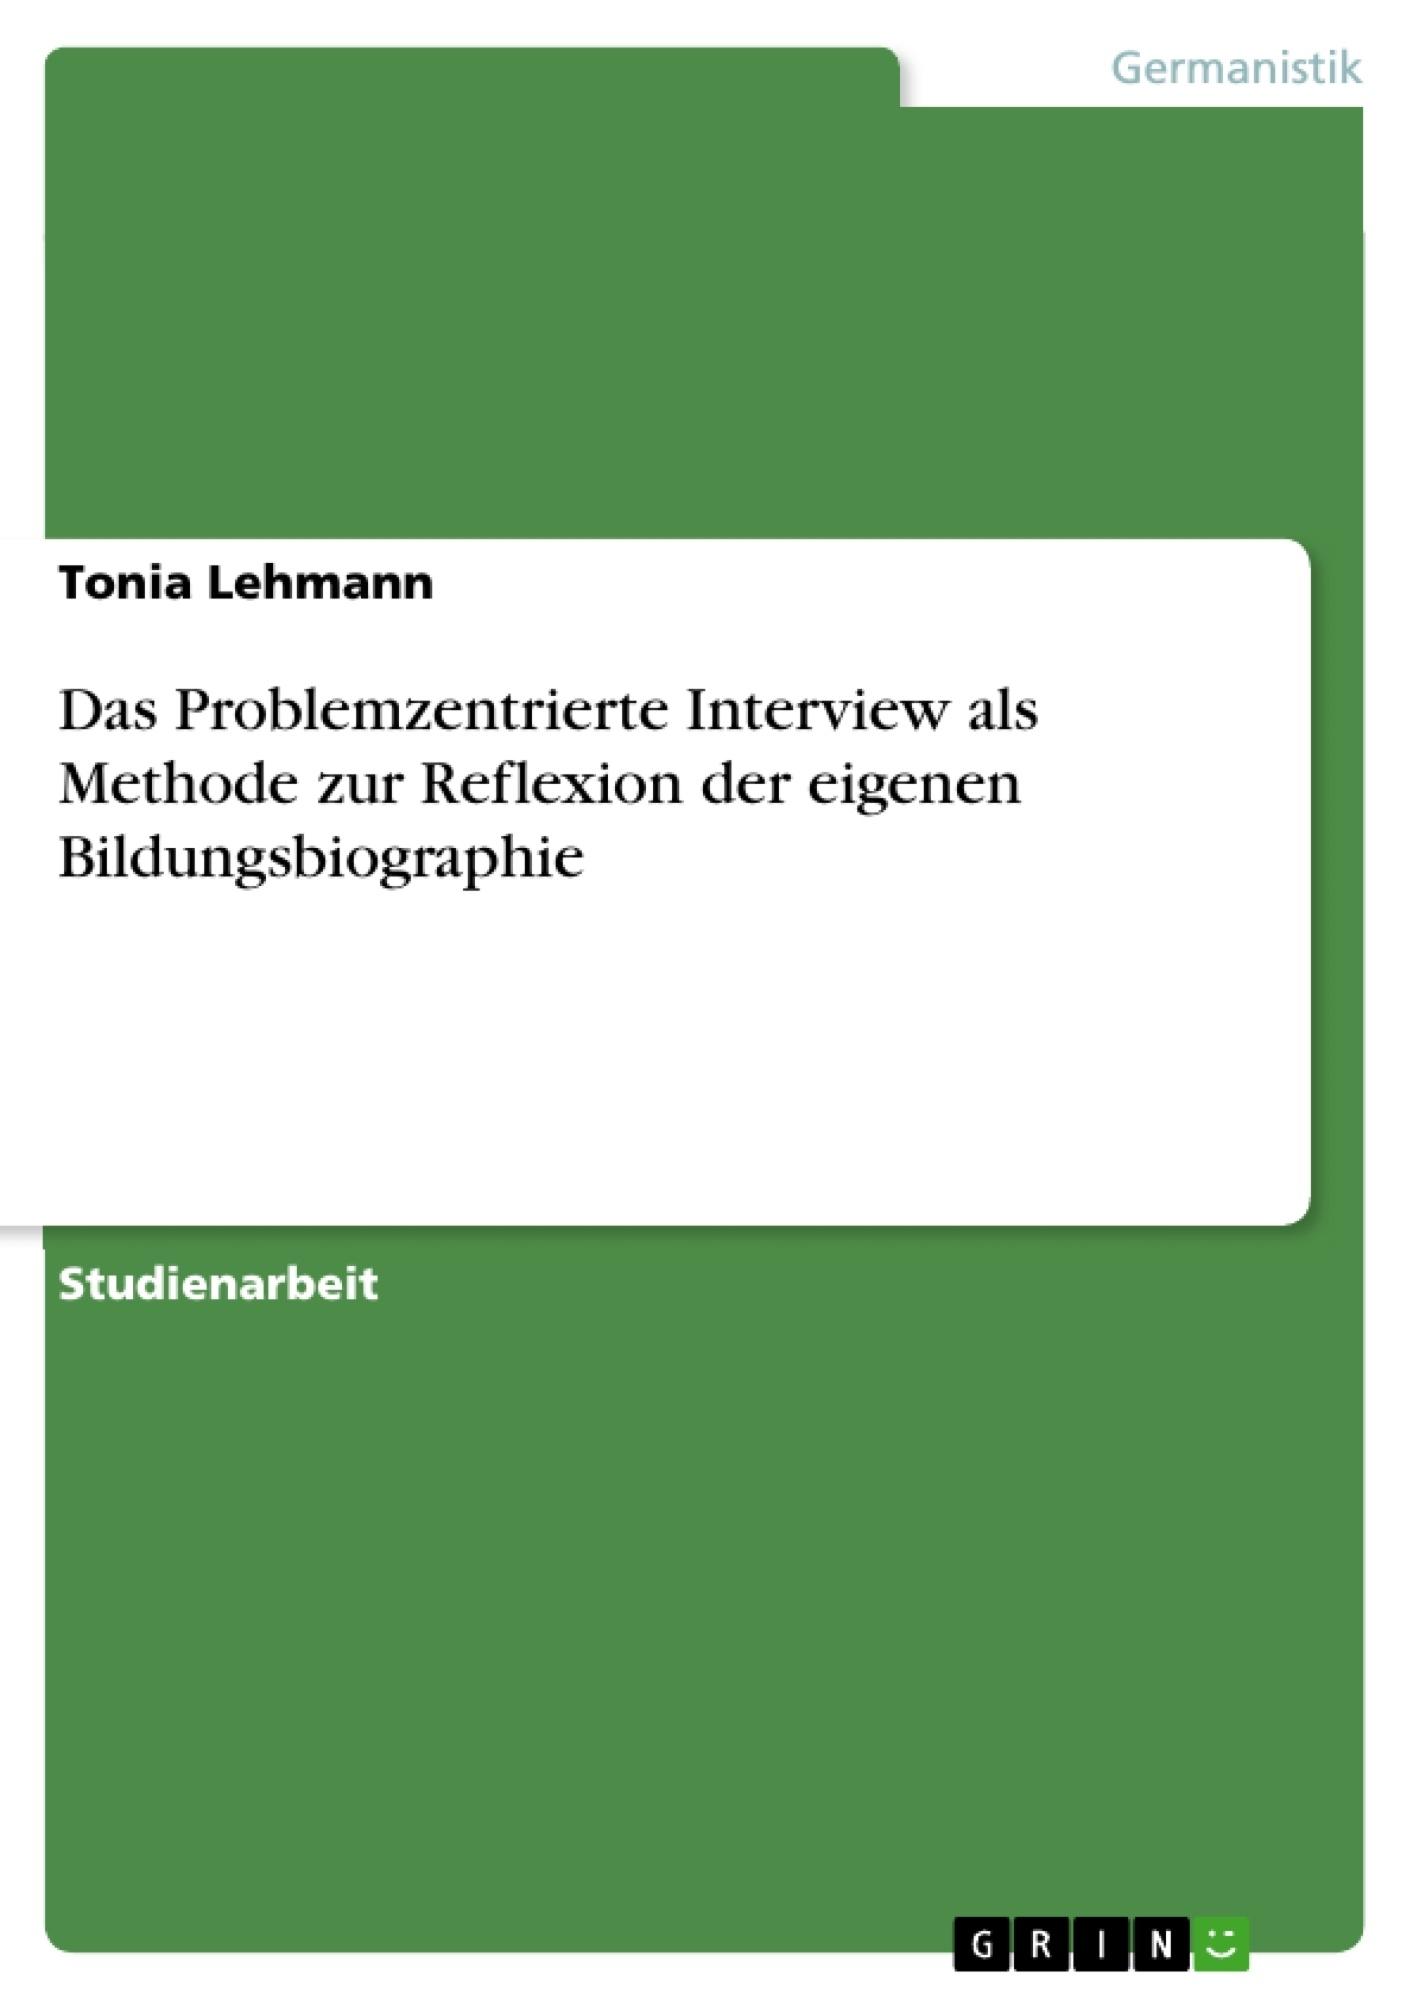 Titel: Das Problemzentrierte Interview als Methode zur Reflexion der eigenen Bildungsbiographie